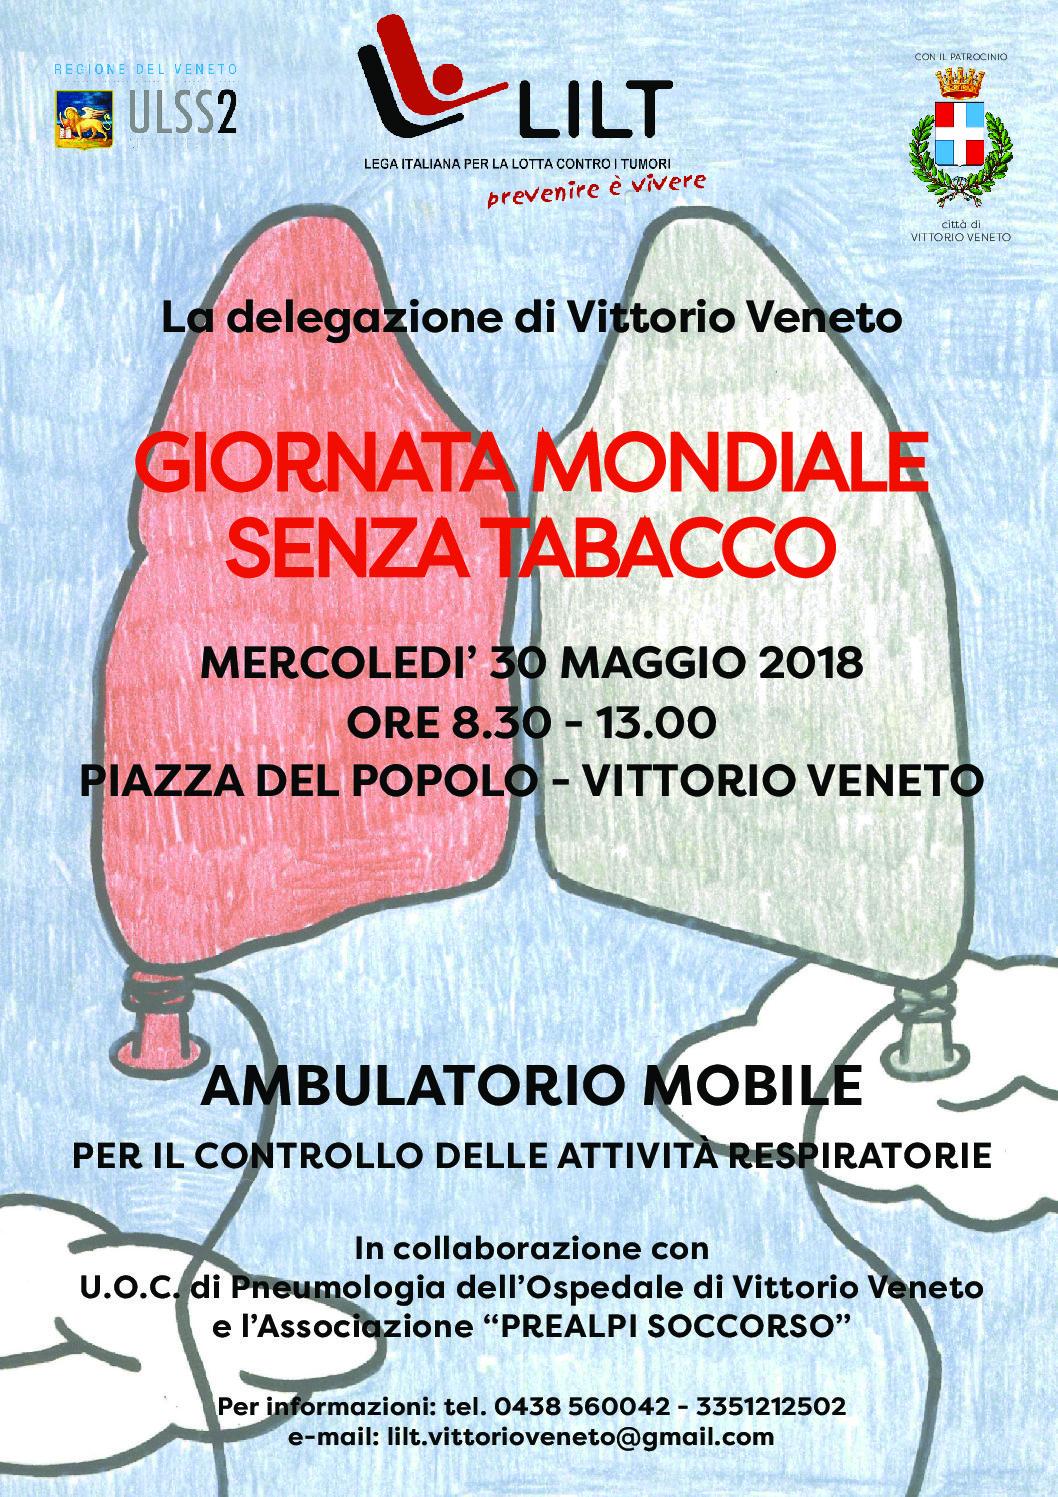 30.05.2018 Giornata Mondiale Senza Tabacco a Vittorio Veneto